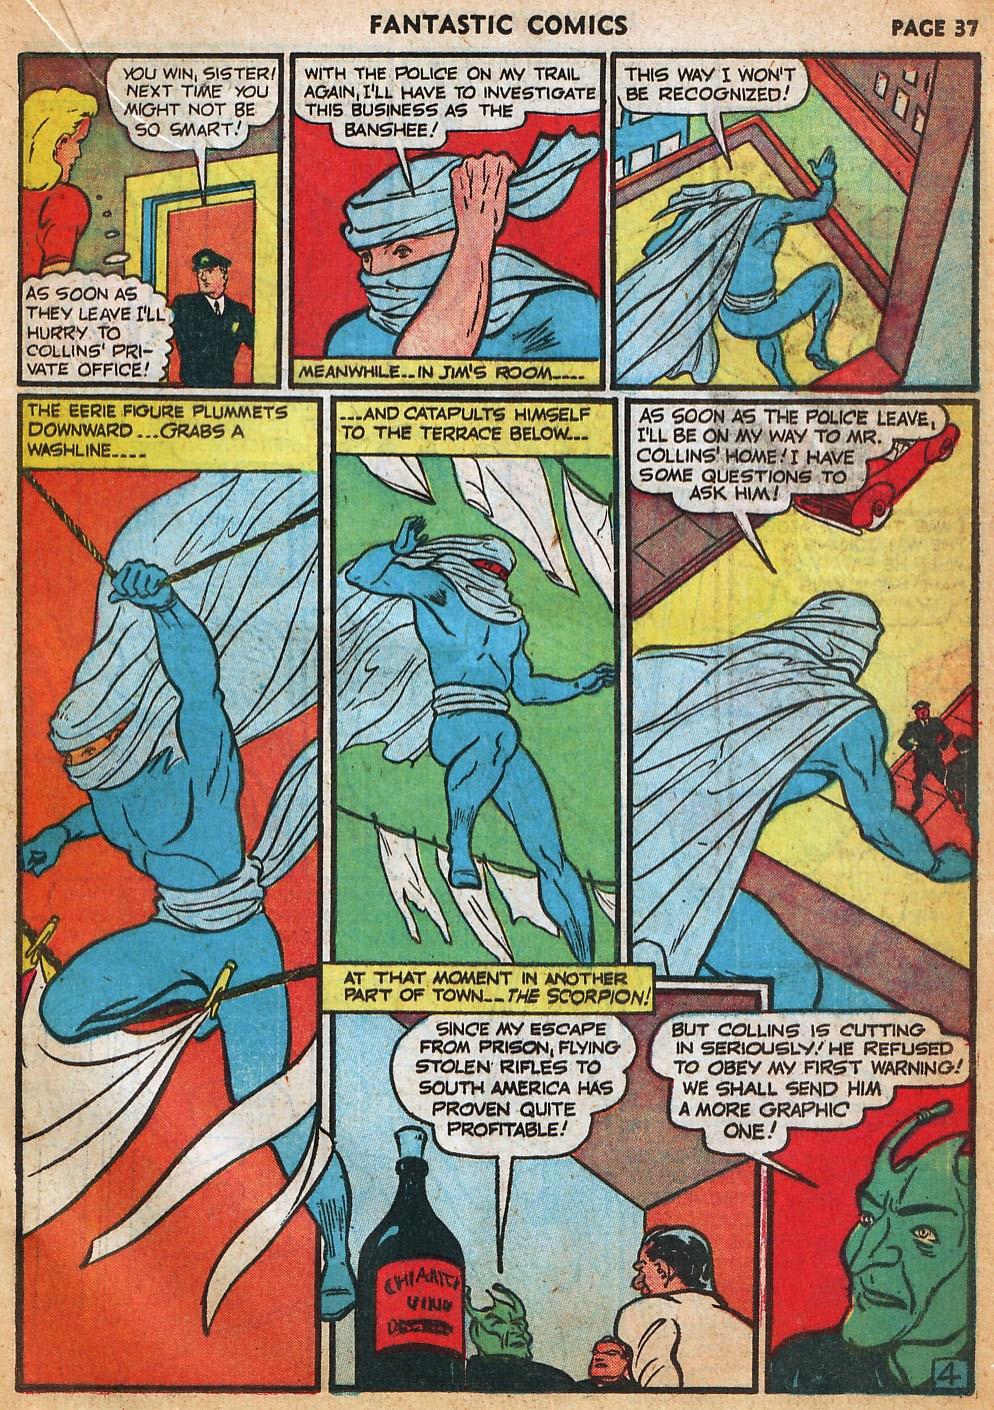 Read online Fantastic Comics comic -  Issue #22 - 38